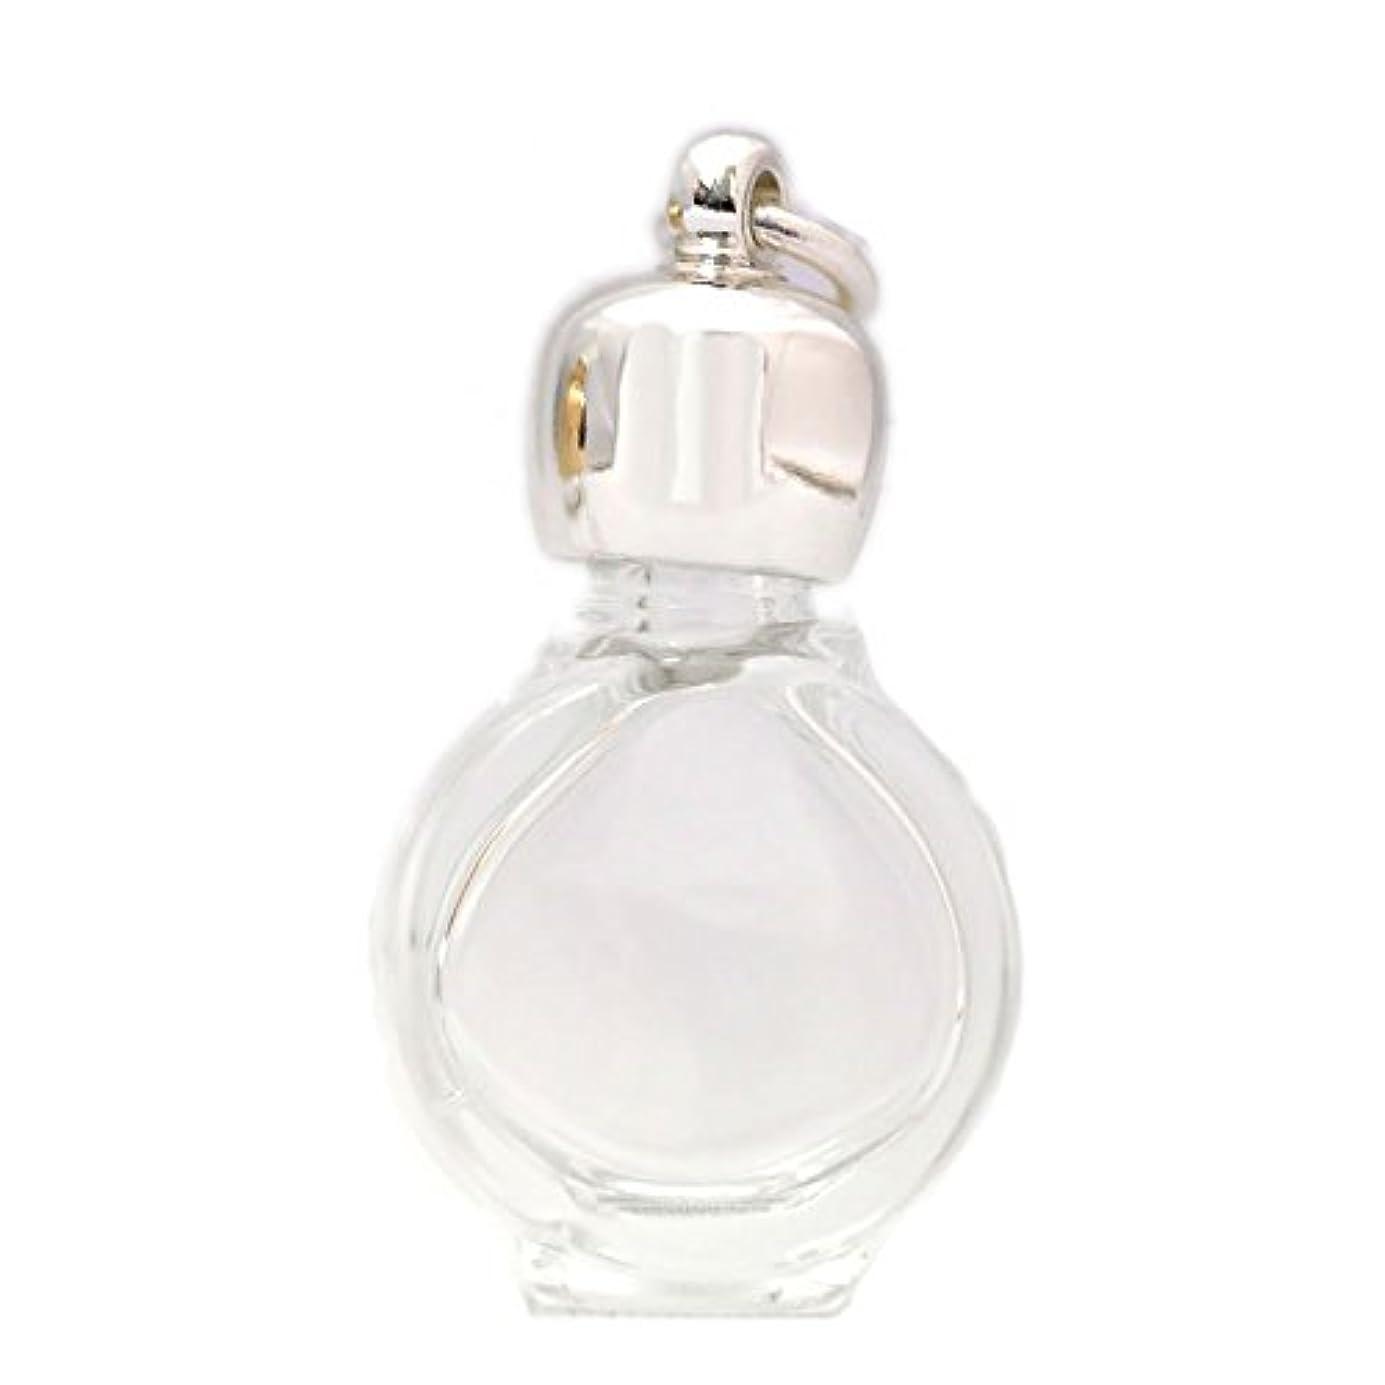 精算いつ輪郭ミニ香水瓶 アロマペンダントトップ タイコスキ(透明)1ml?シルバー?穴あきキャップ、パッキン付属